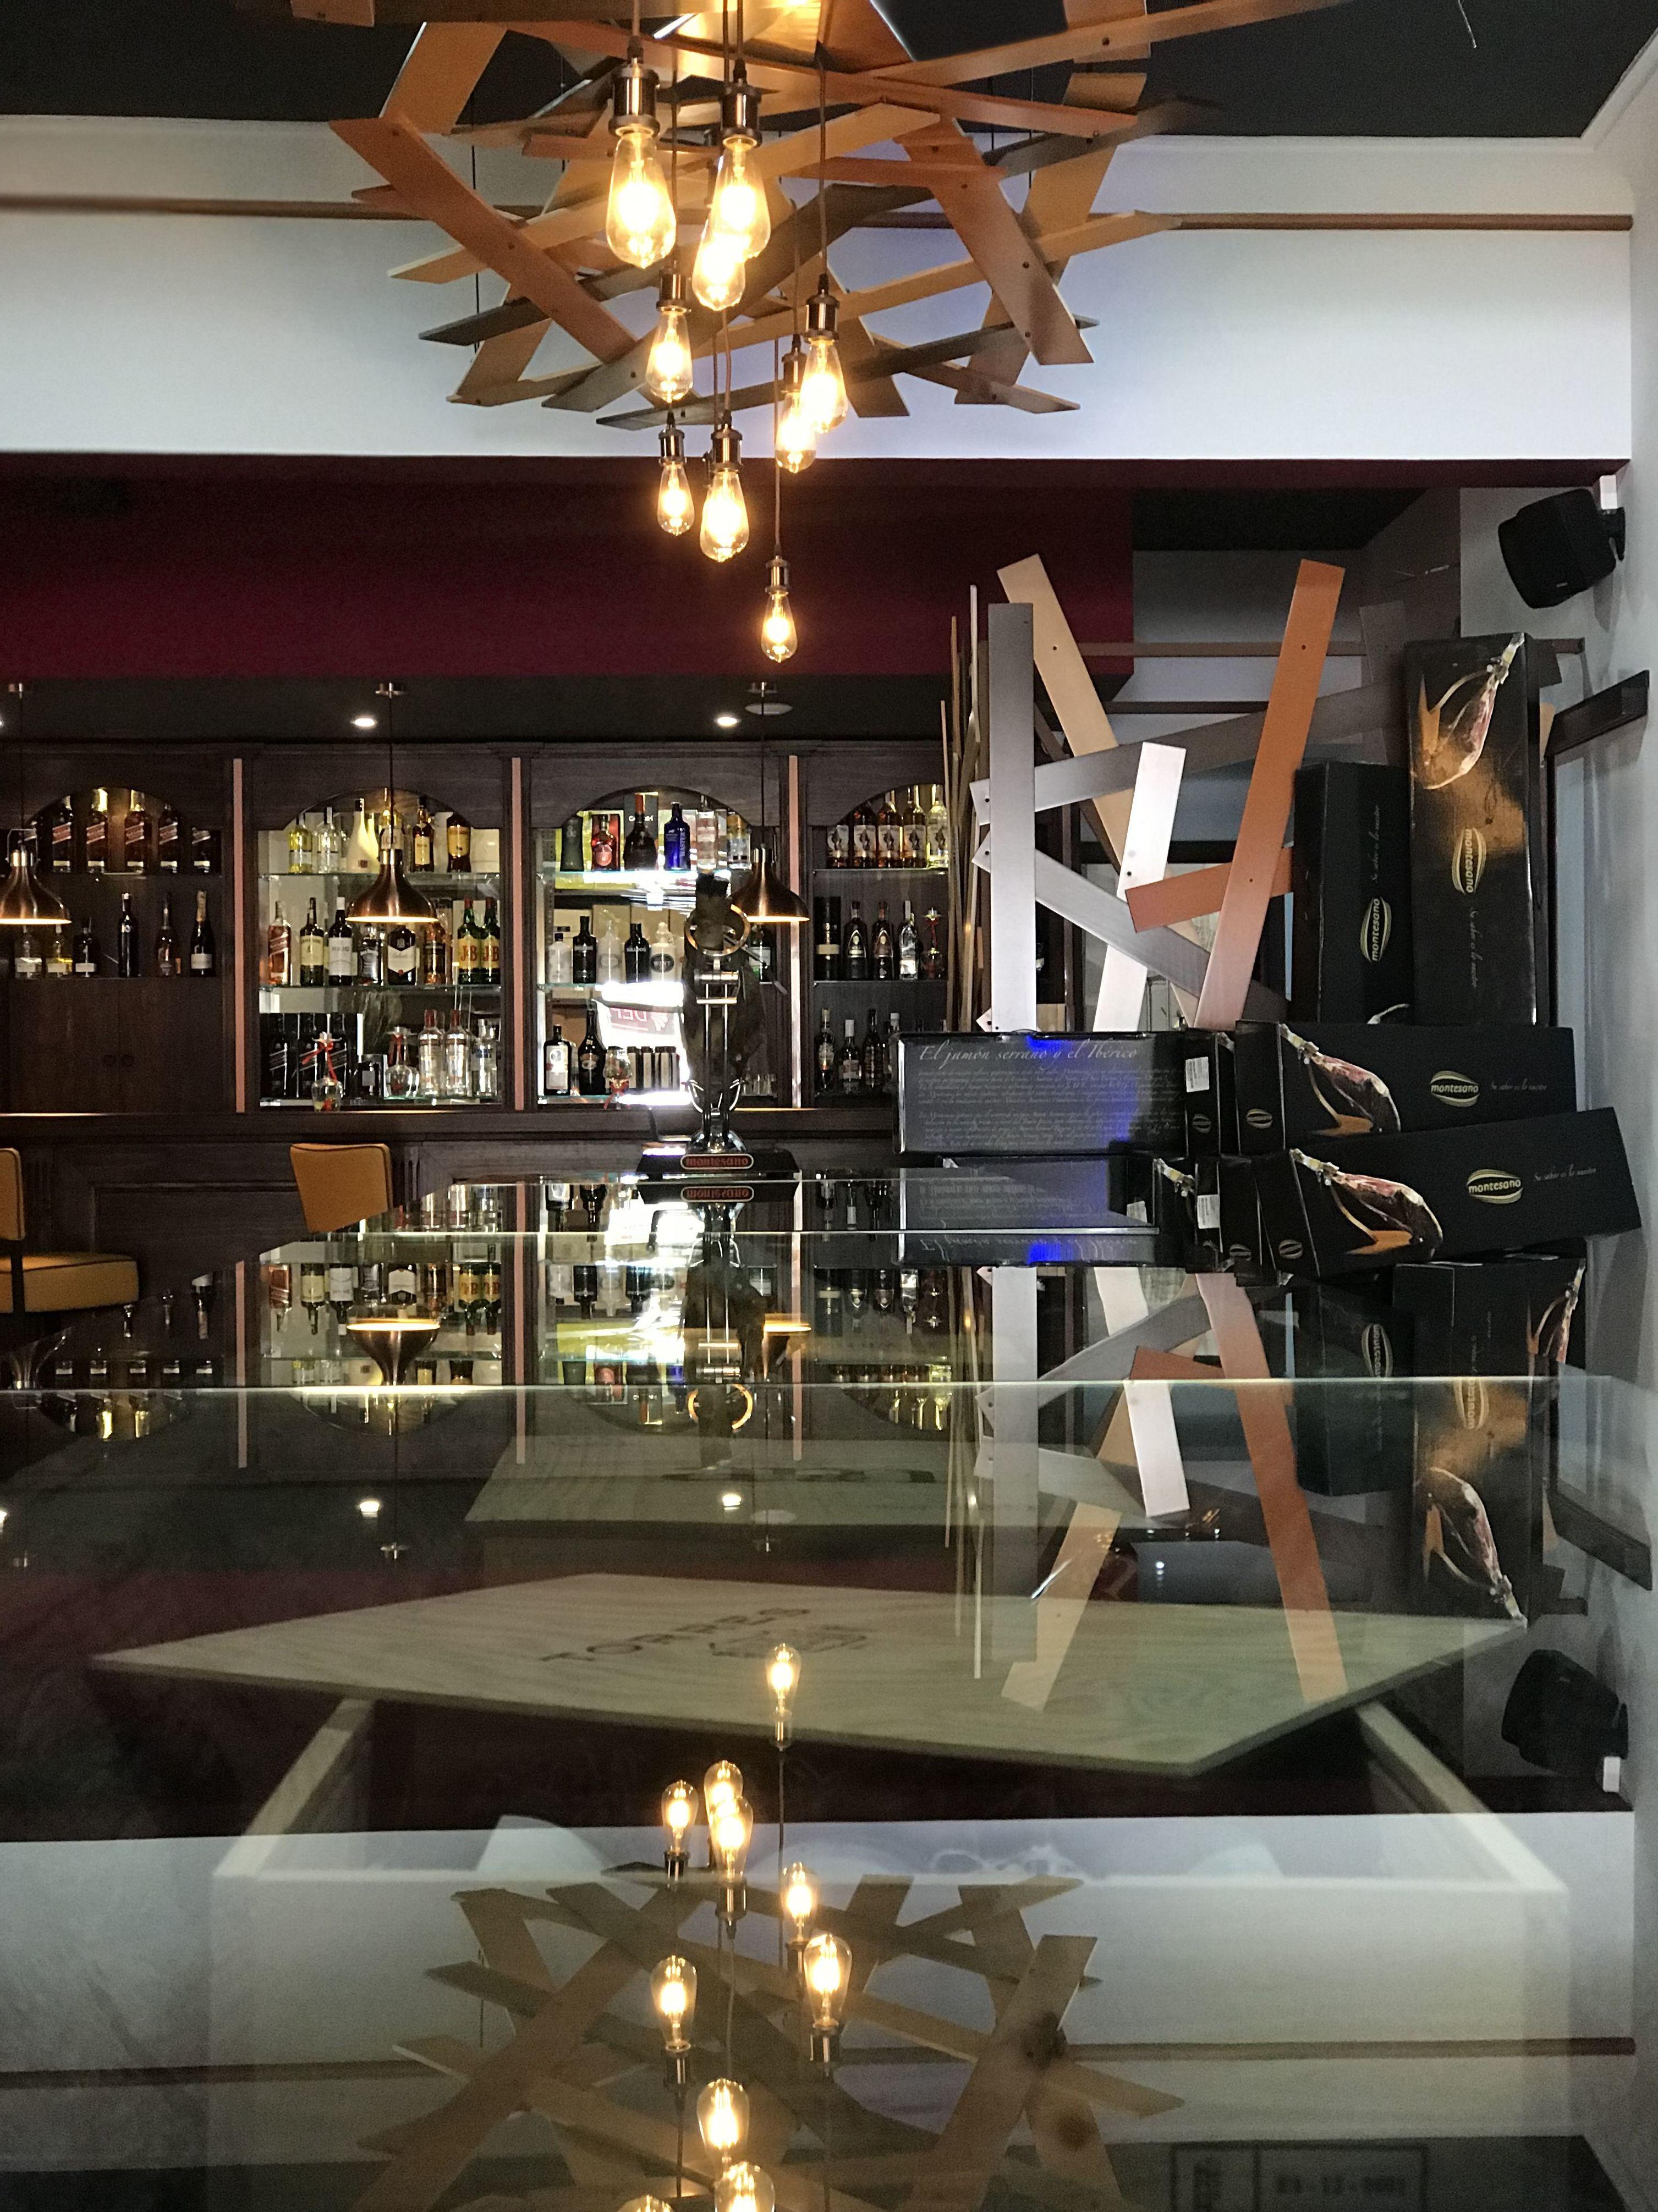 Foto 30 de Cocina canaria en La Orotava | Restaurante Bodegón Tapias